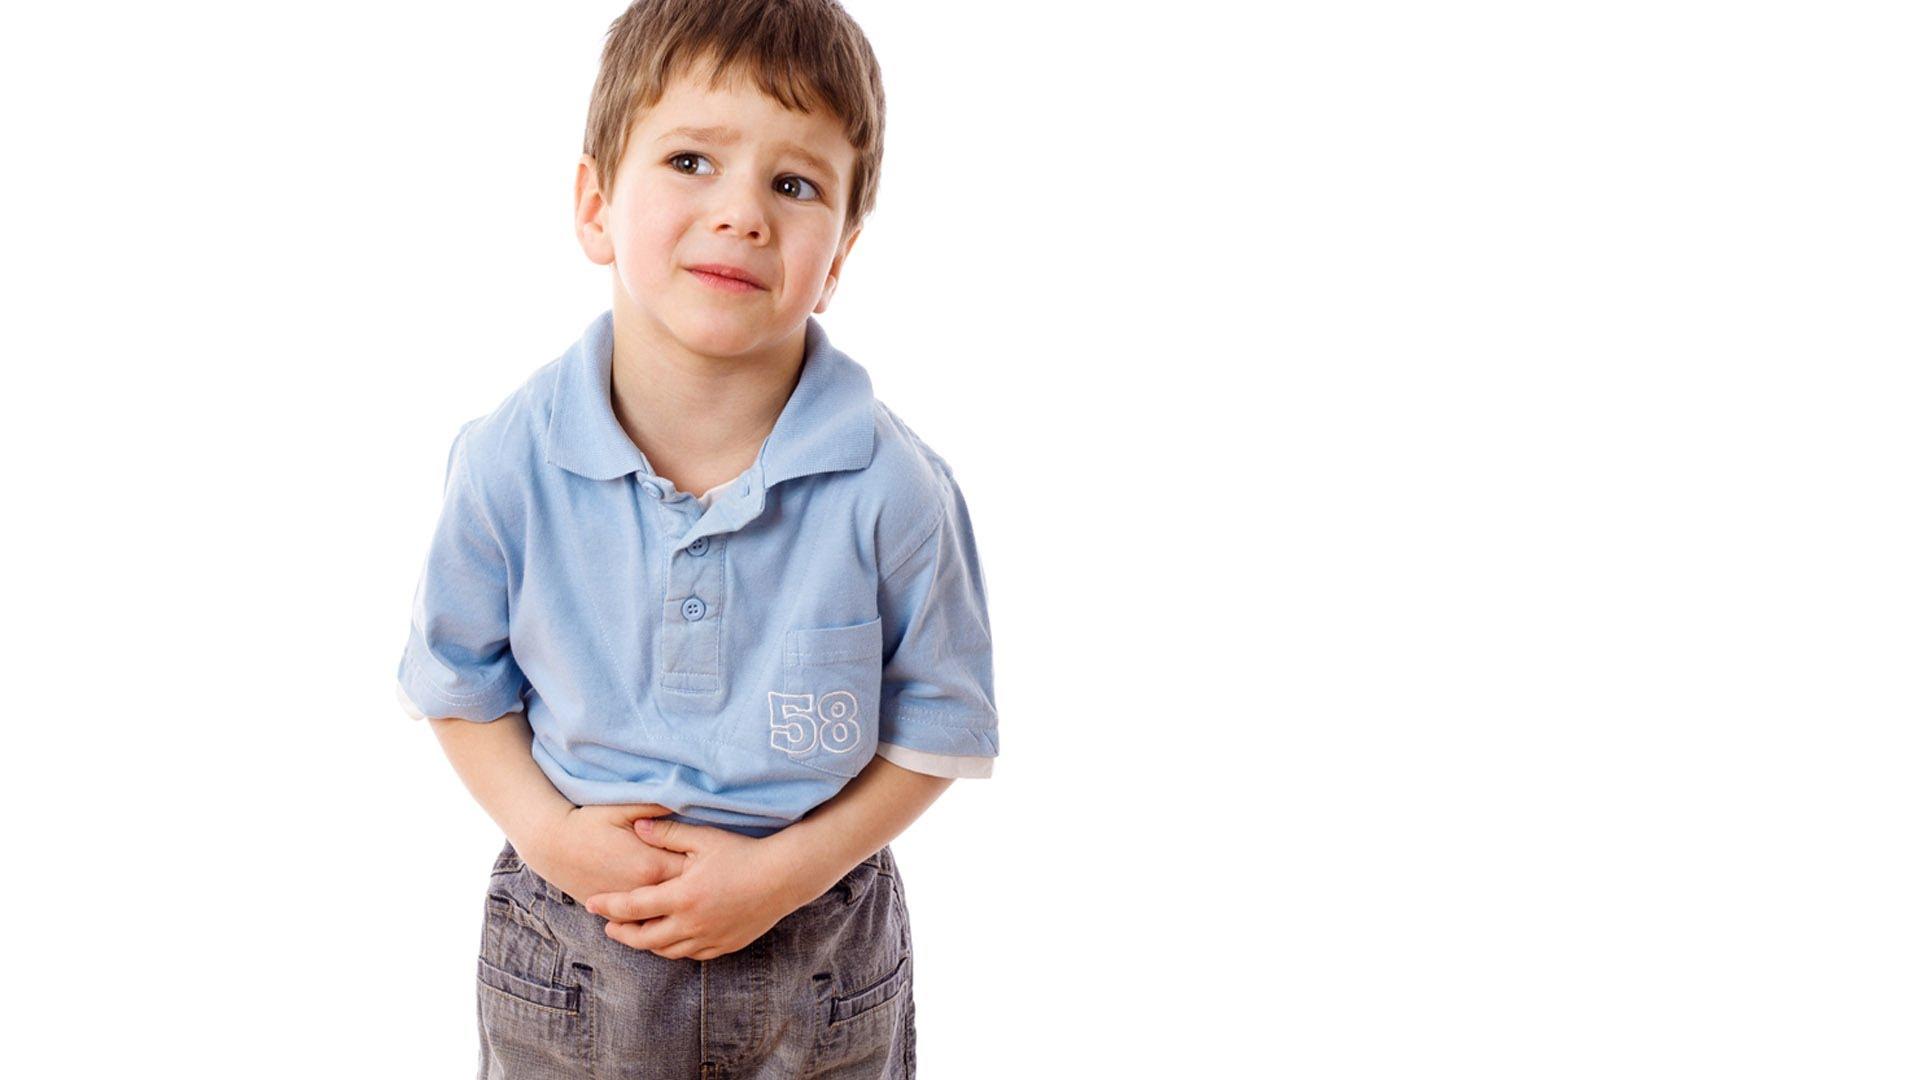 Khi trẻ bị rota virus các mẹ nên làm gì? 1